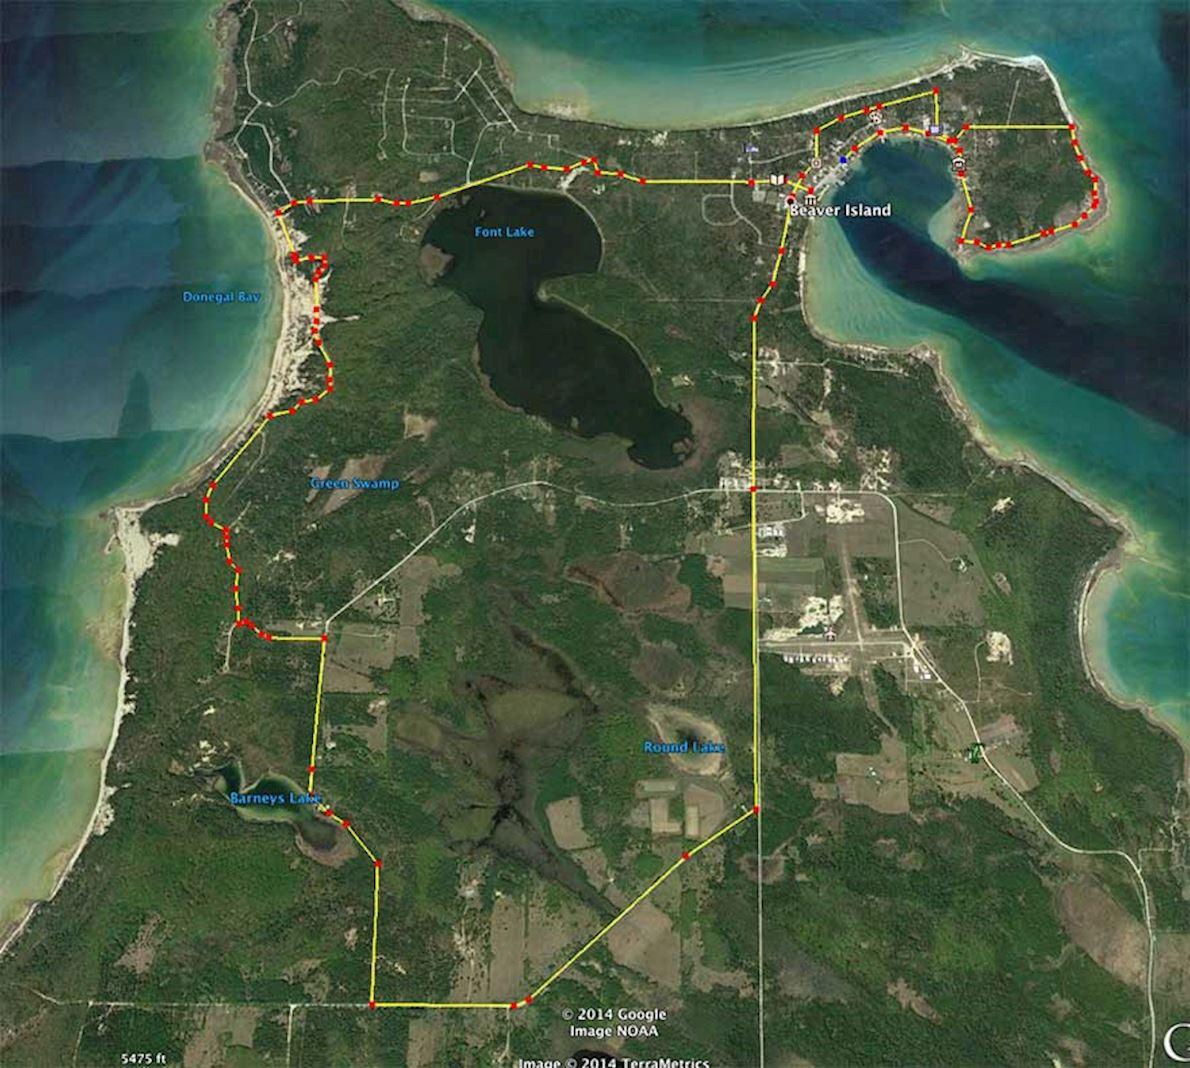 Beaver Island Half Marathon & 10K & 5K MAPA DEL RECORRIDO DE